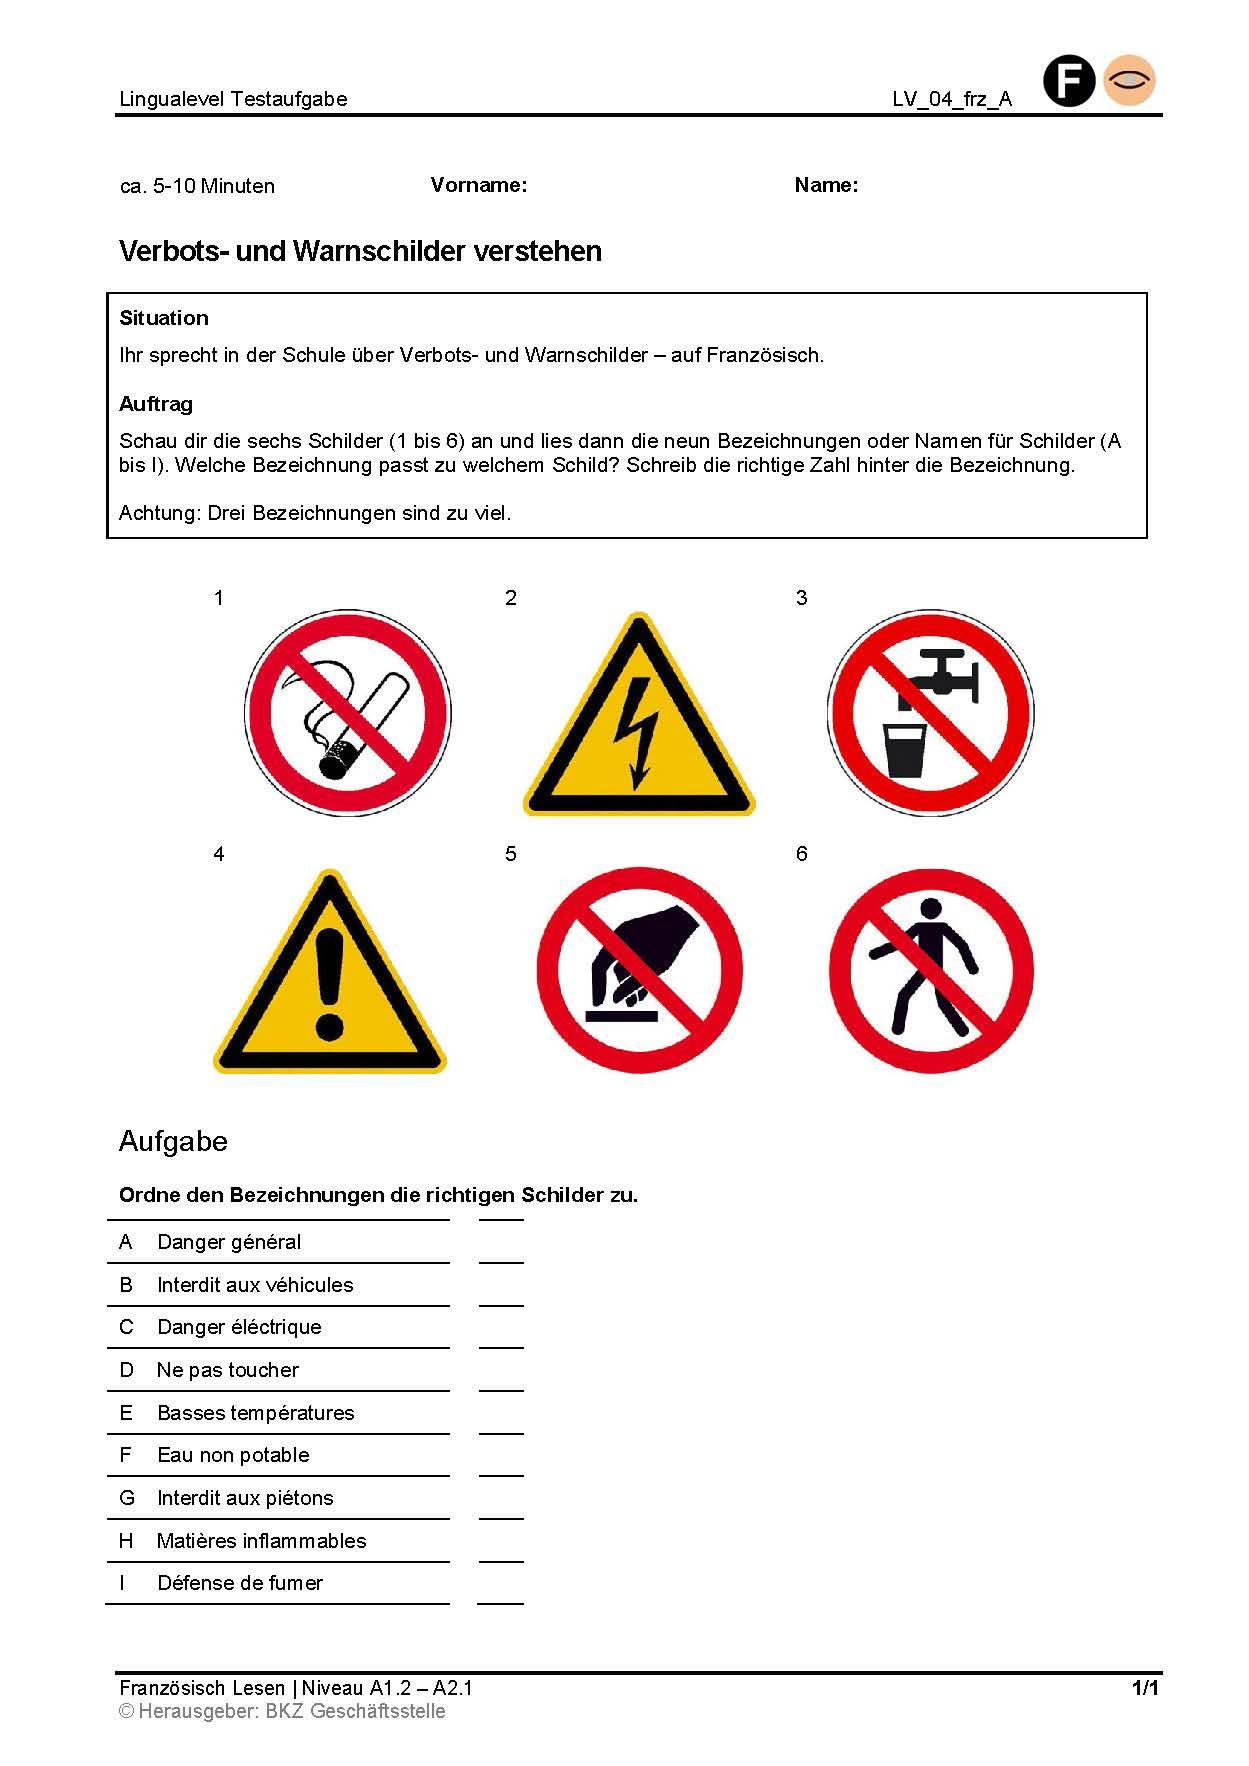 Preview image for LOM object Verbots- und Warnschilder verstehen